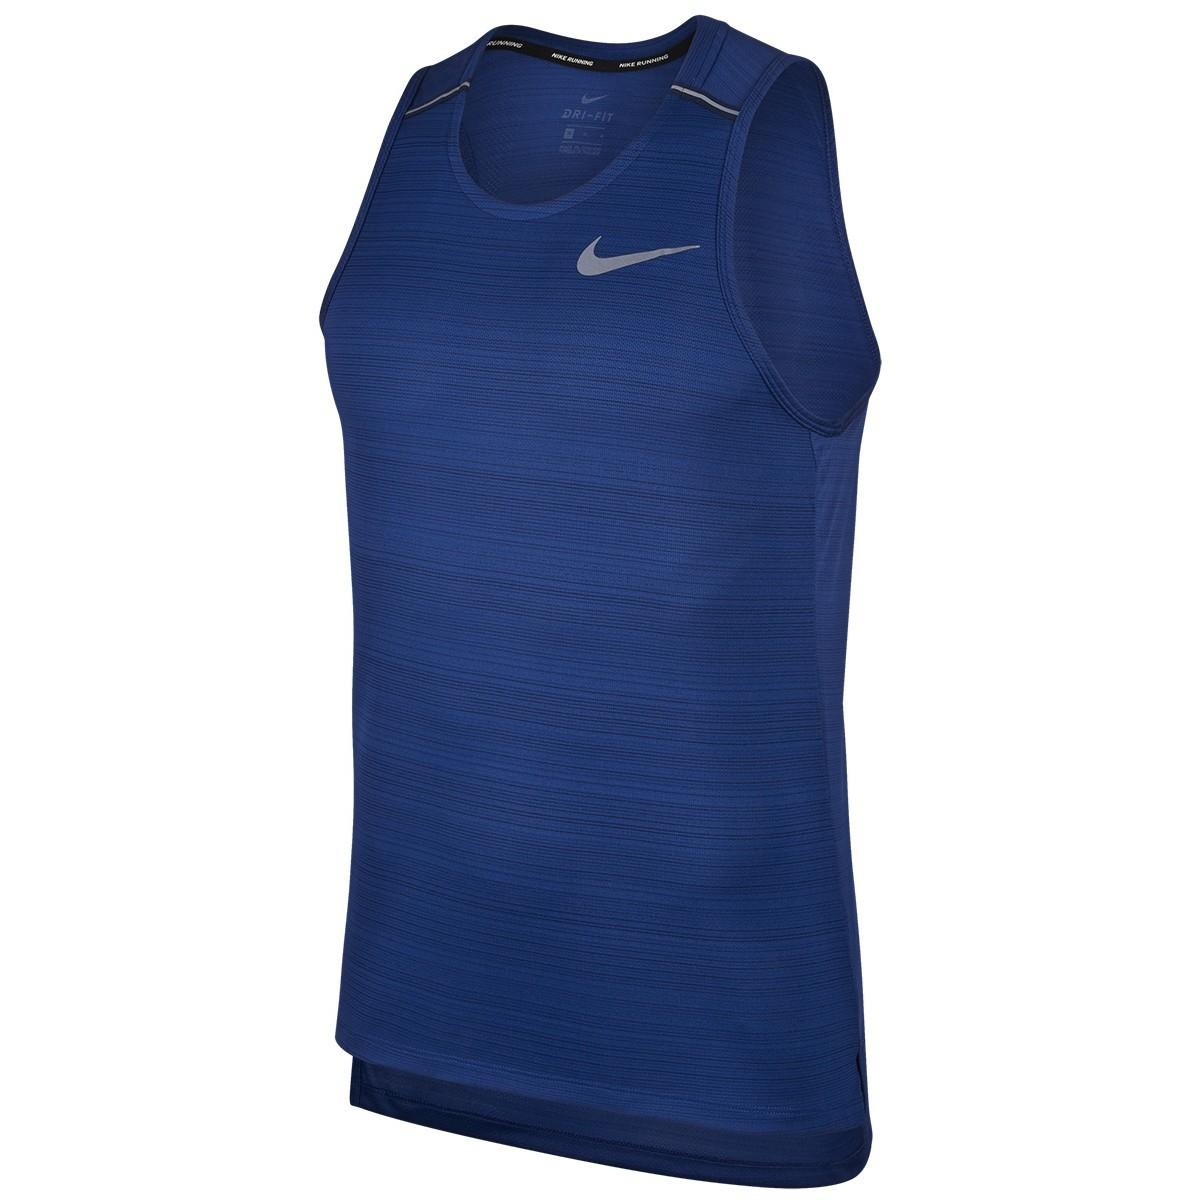 Спортивна майка чоловіча Nike Miler Tank Top indigo force/grey